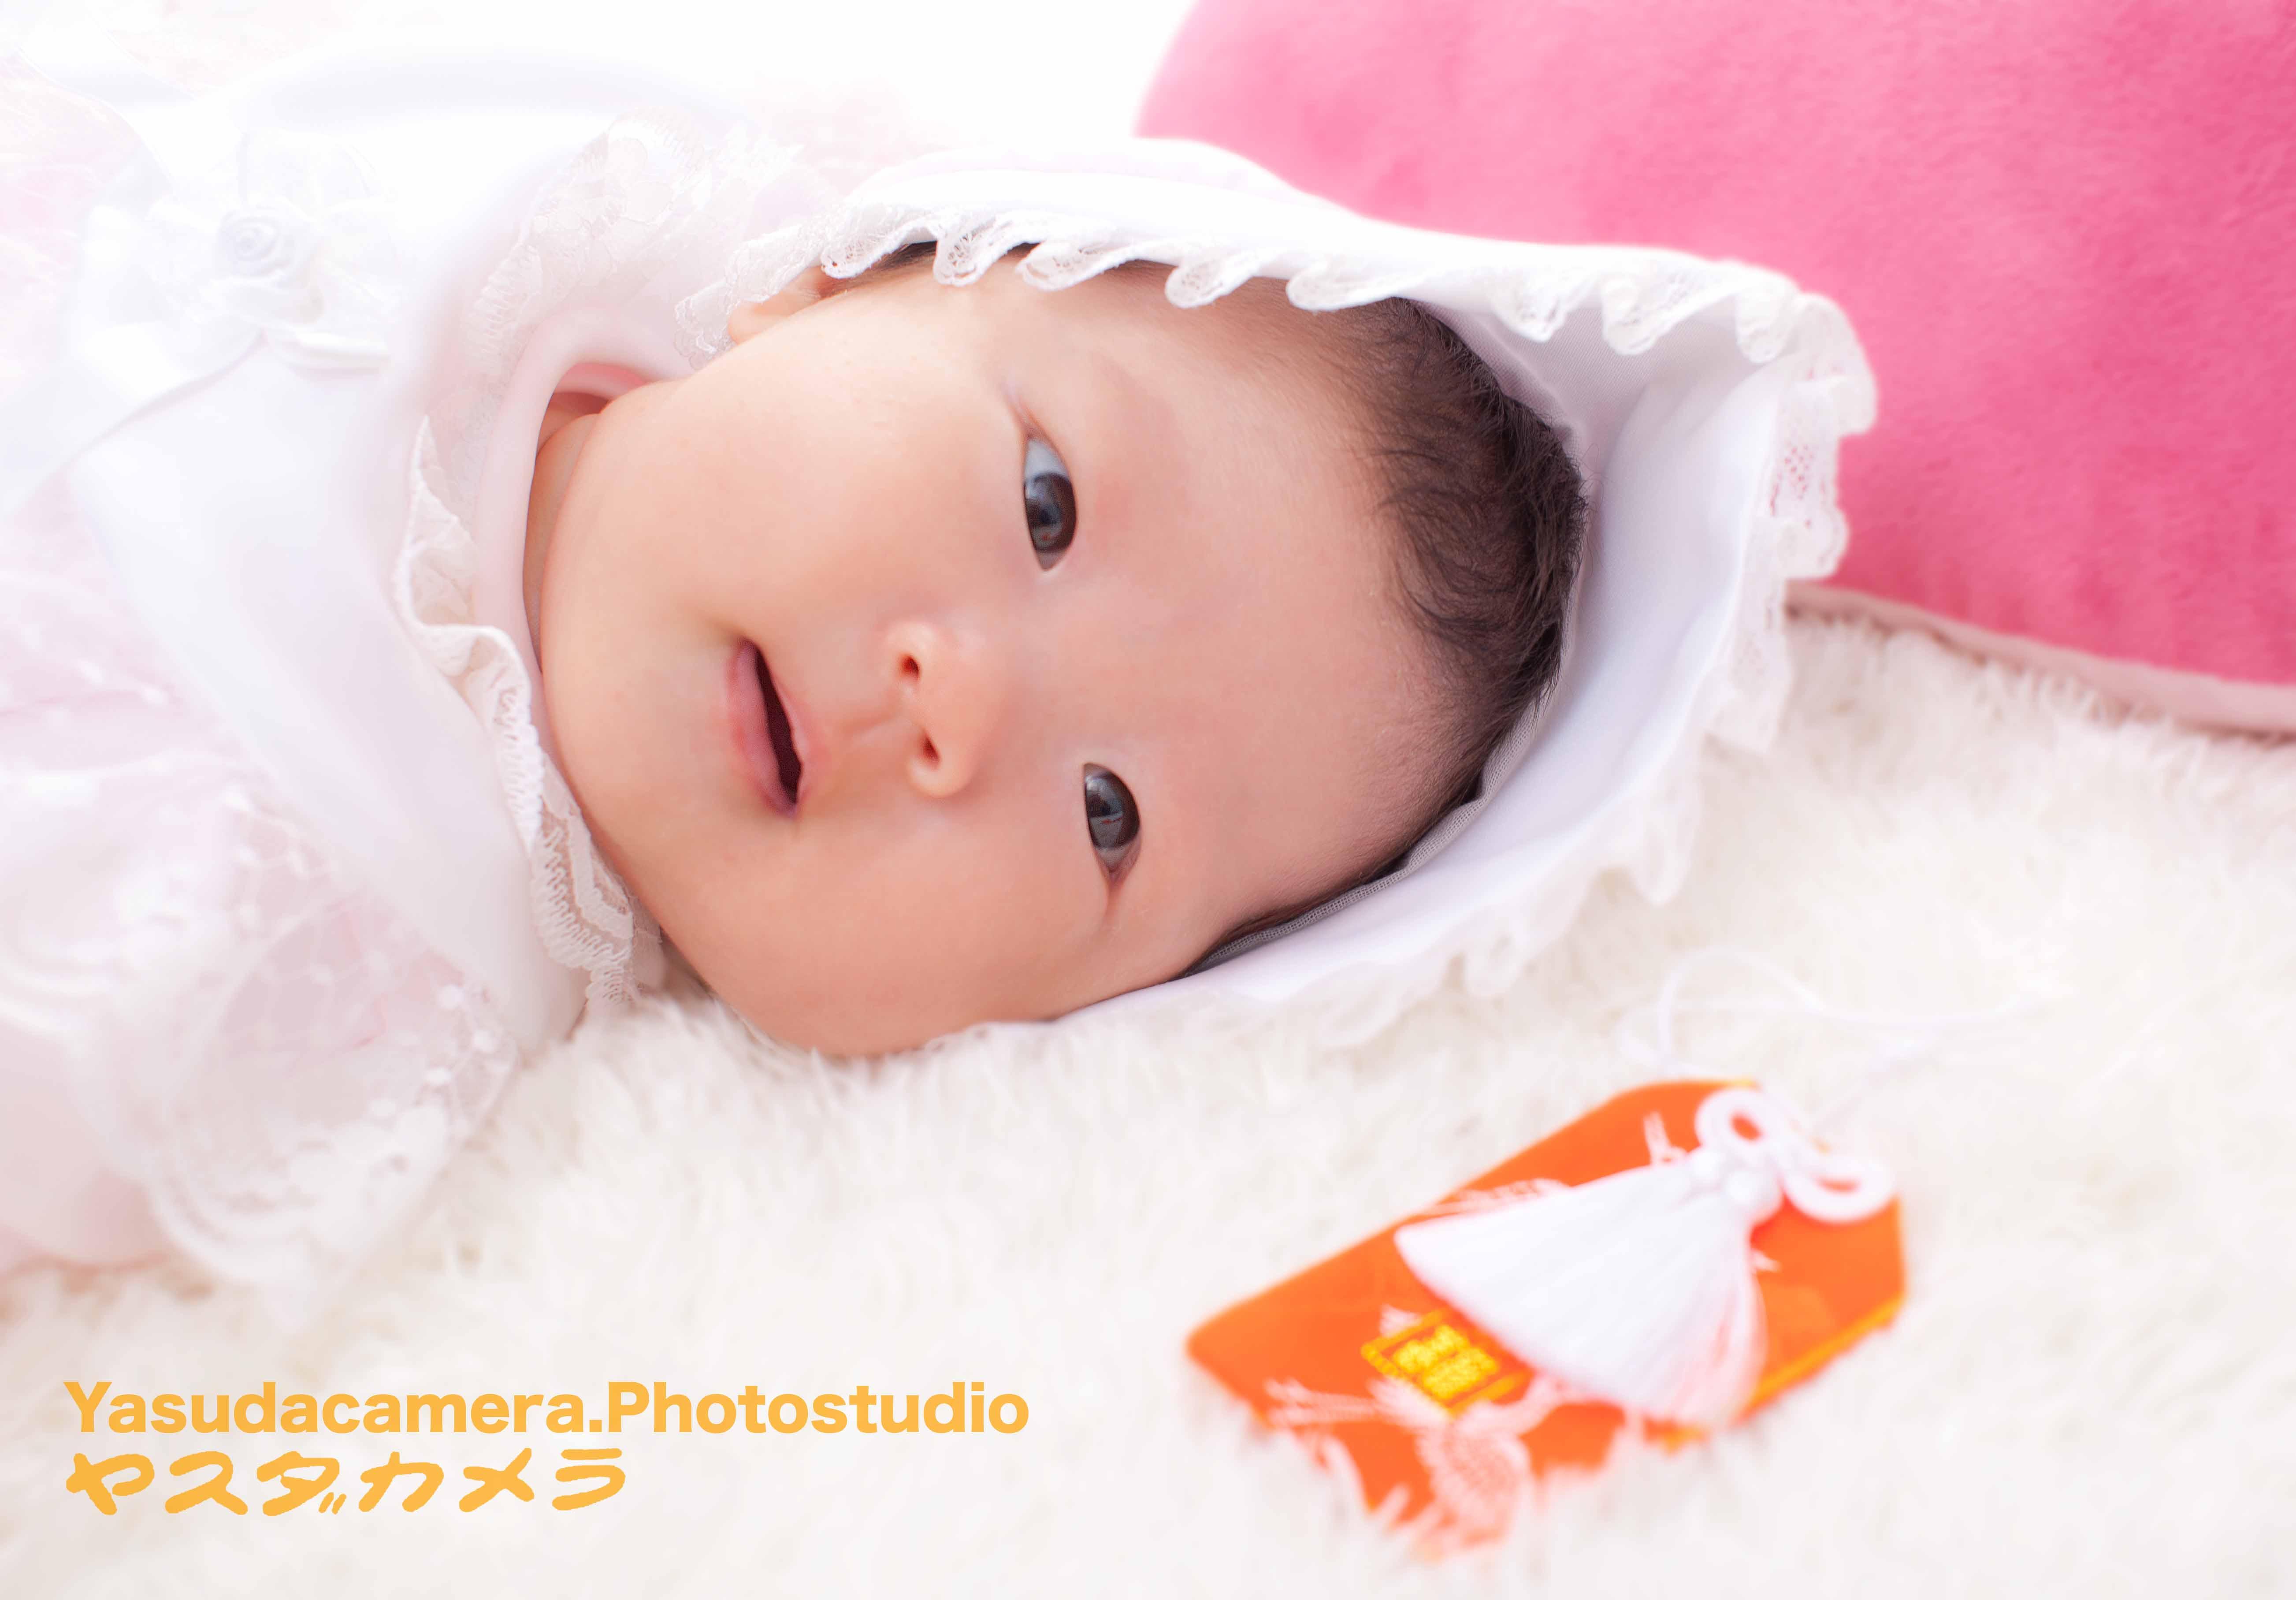 お宮参り撮影 | 和歌山 海南 写真スタジオ ヤスダカメラ